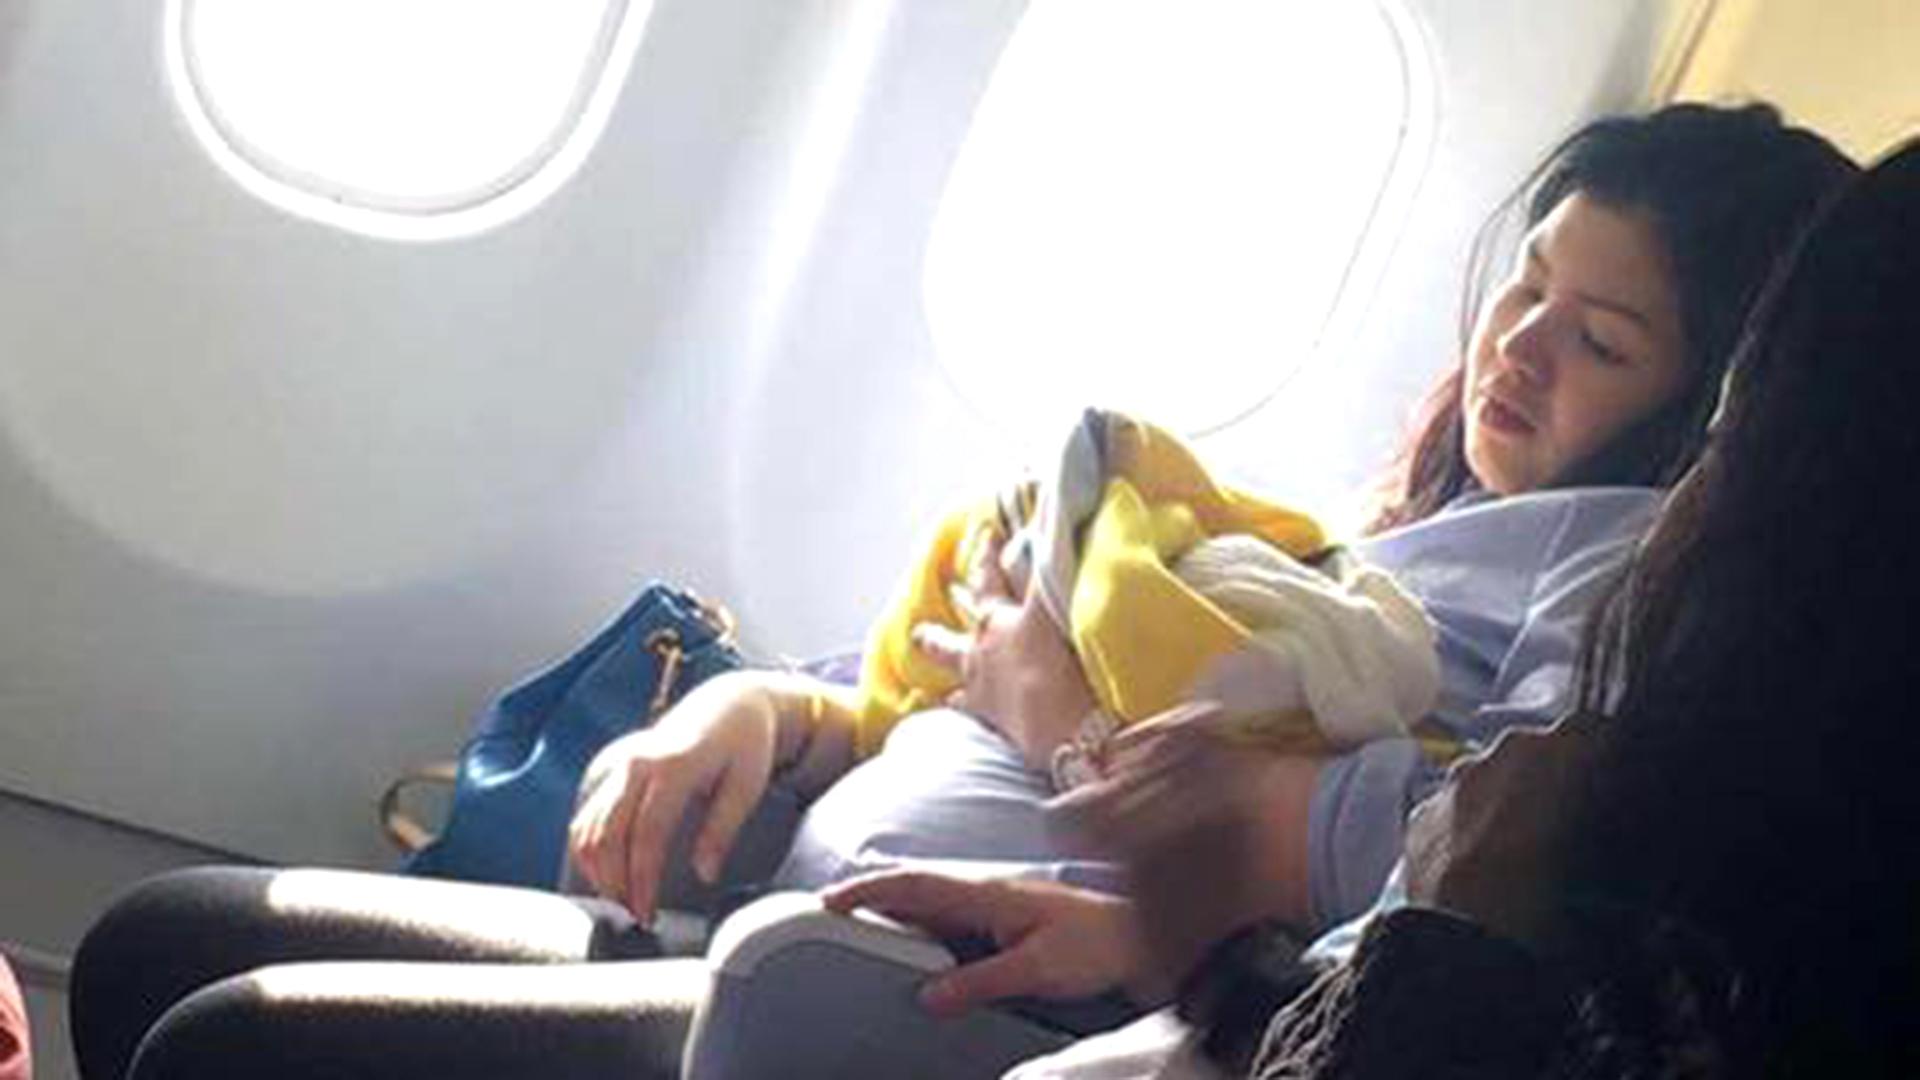 Tease in a plane calentona en el avion 4